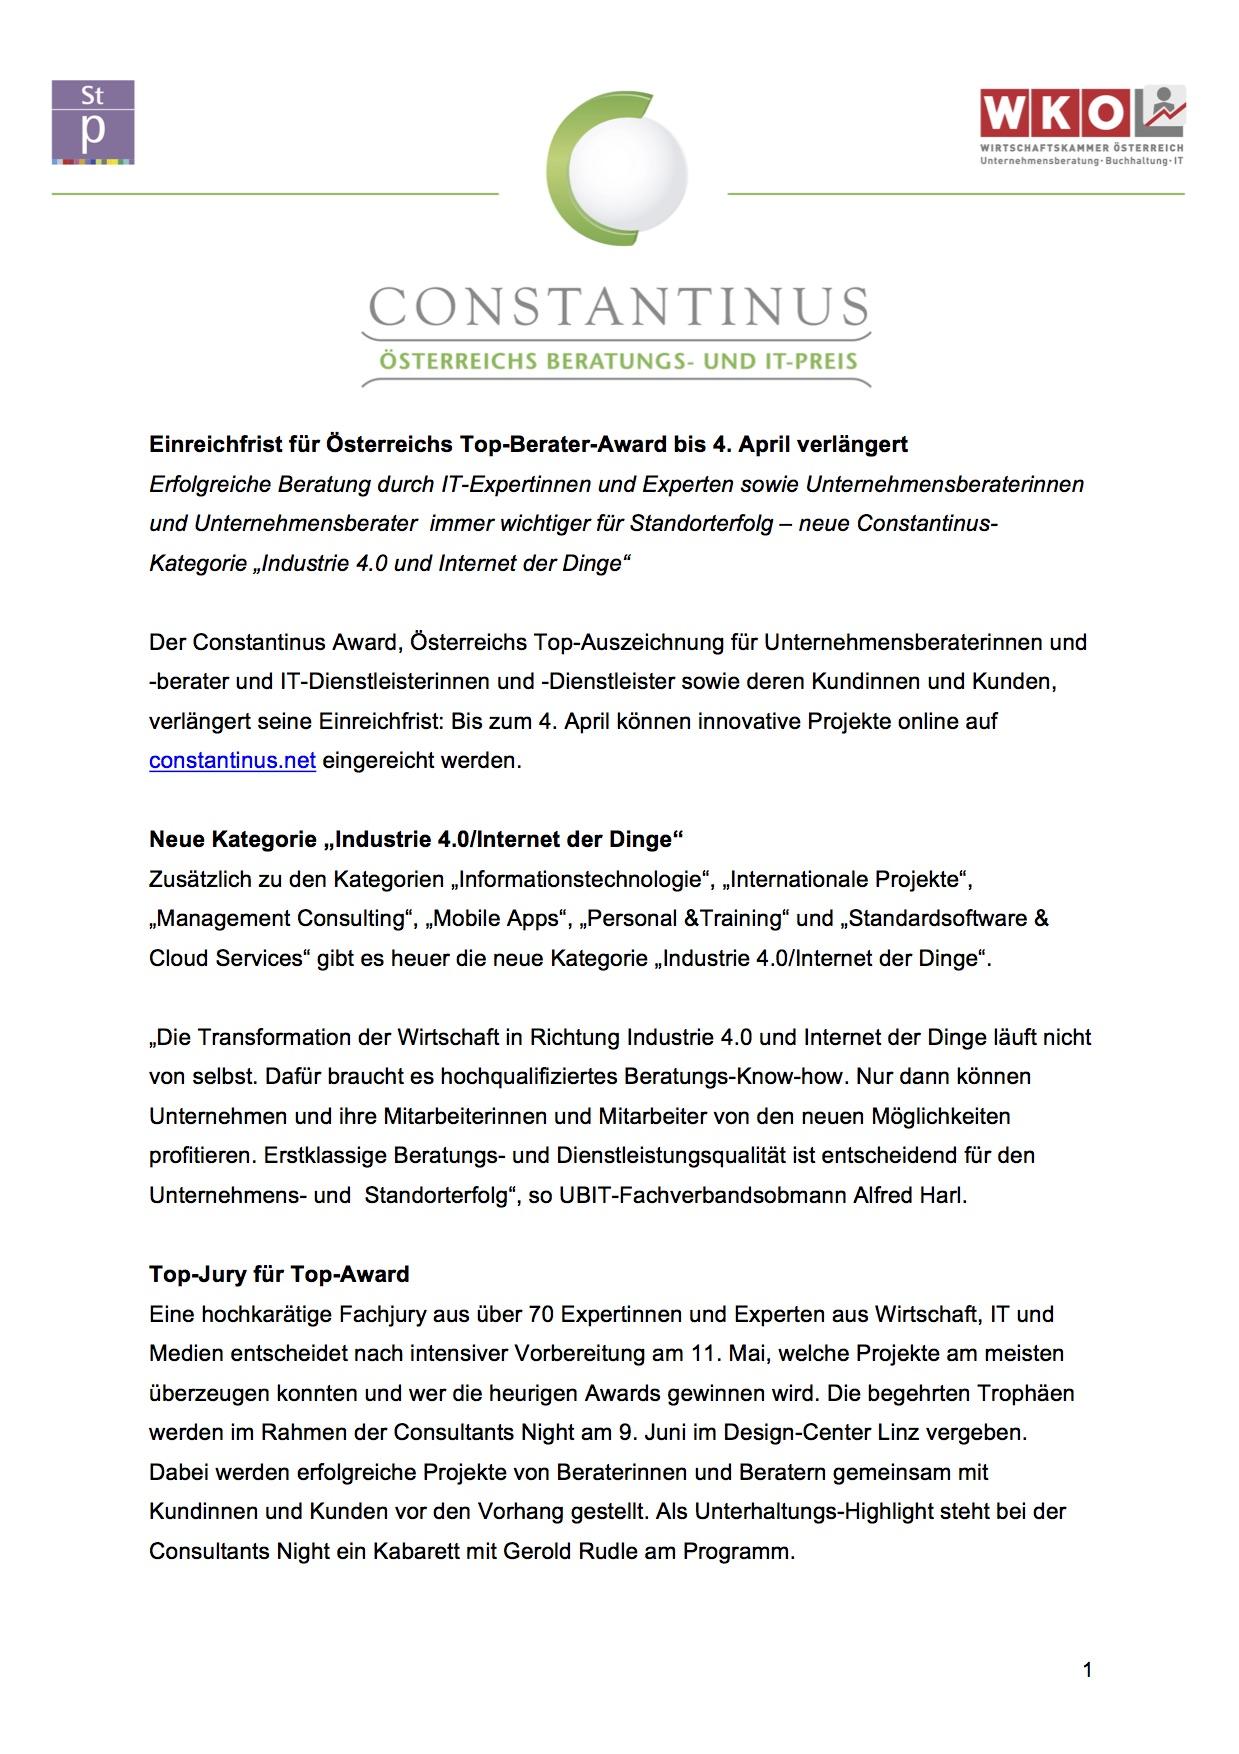 Constantinus Einreichfrist verlängert